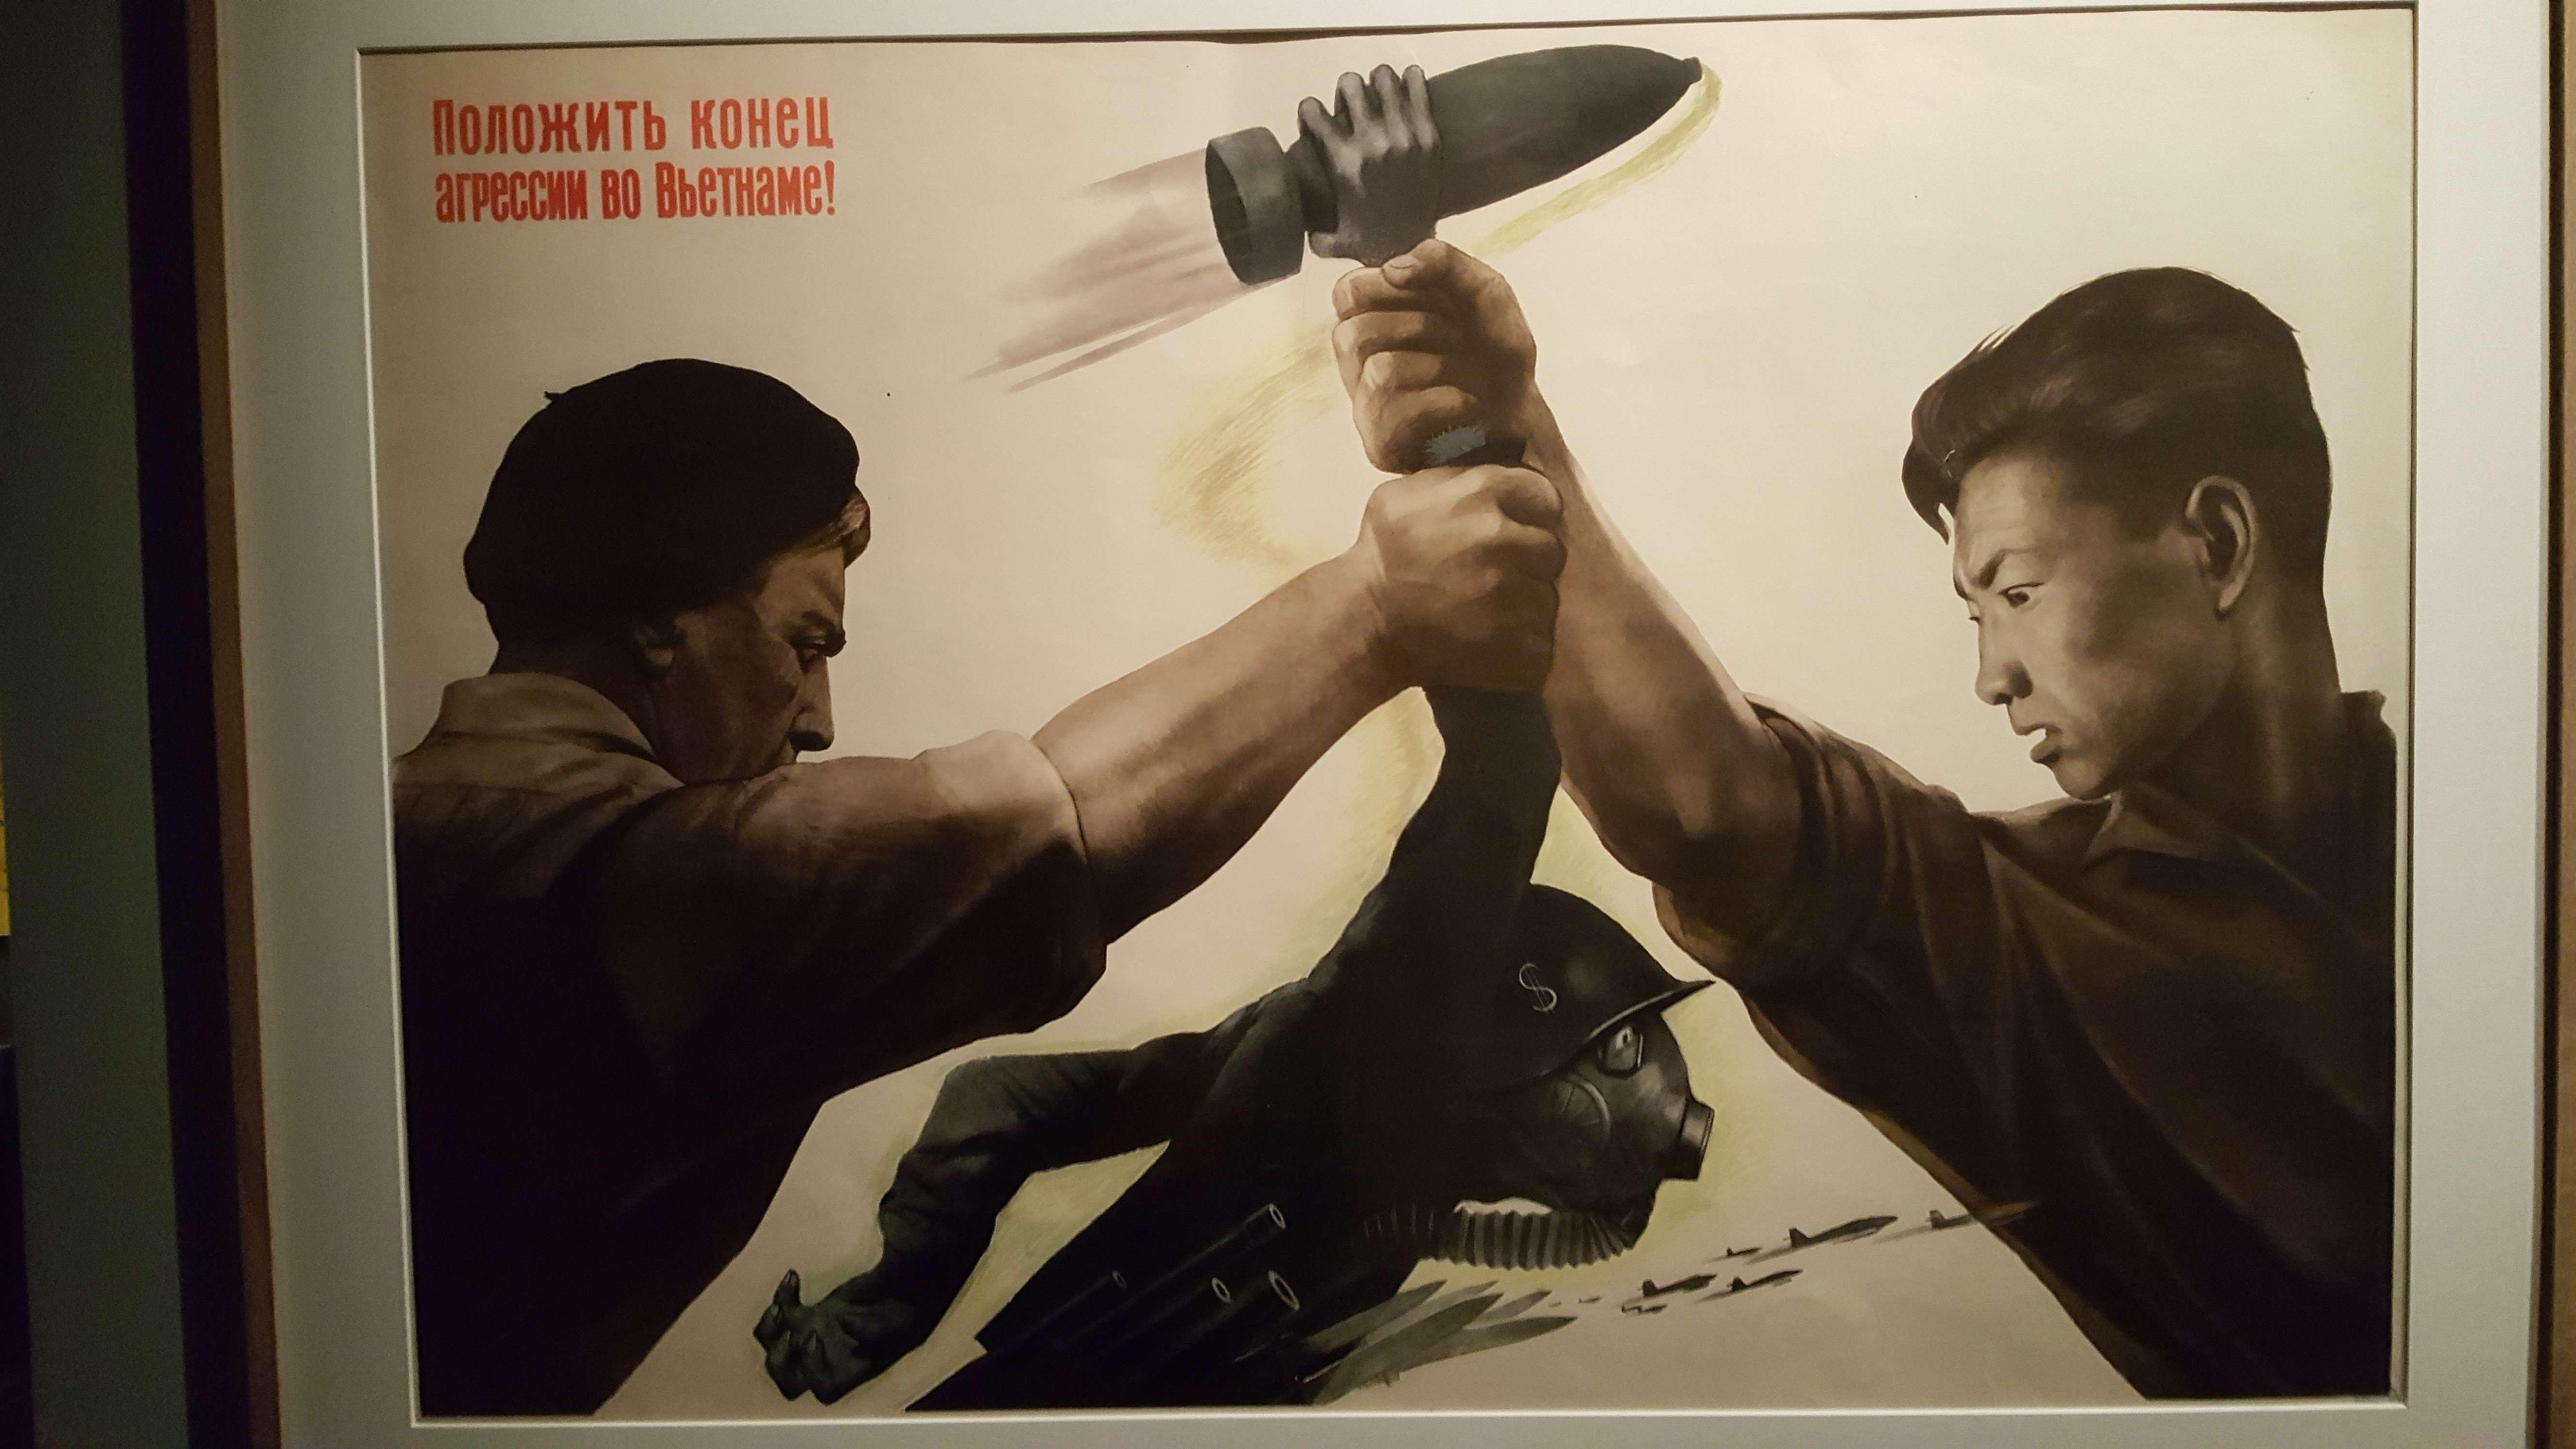 Afis sovietic de propagandà anti-americanà